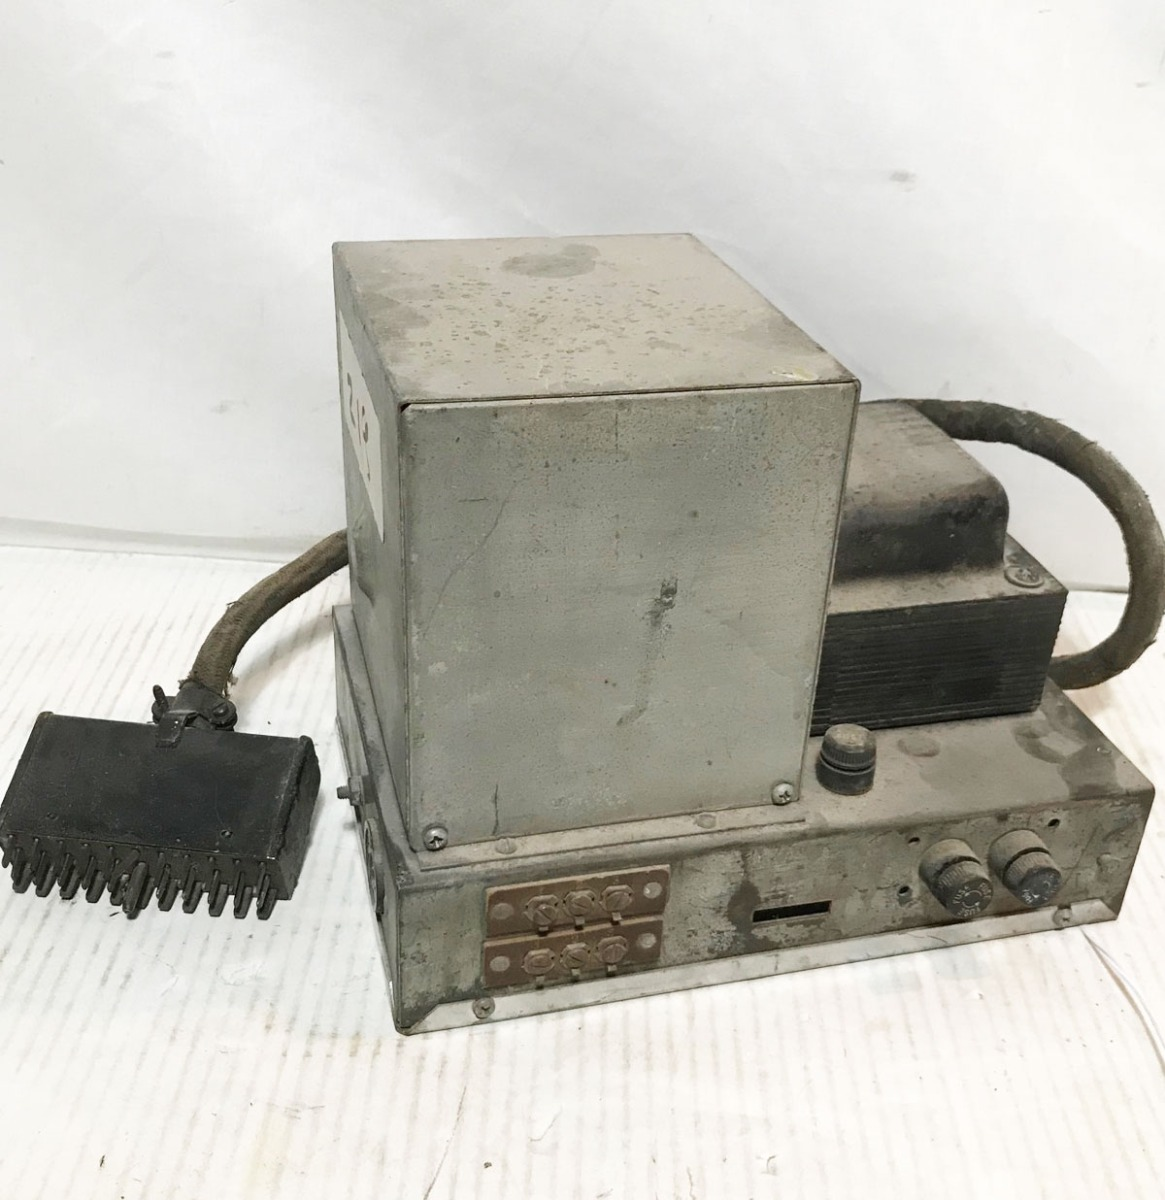 Wurlitzer Stepper model 219 - Voor jukebox modellen 1015, 1080, 1100